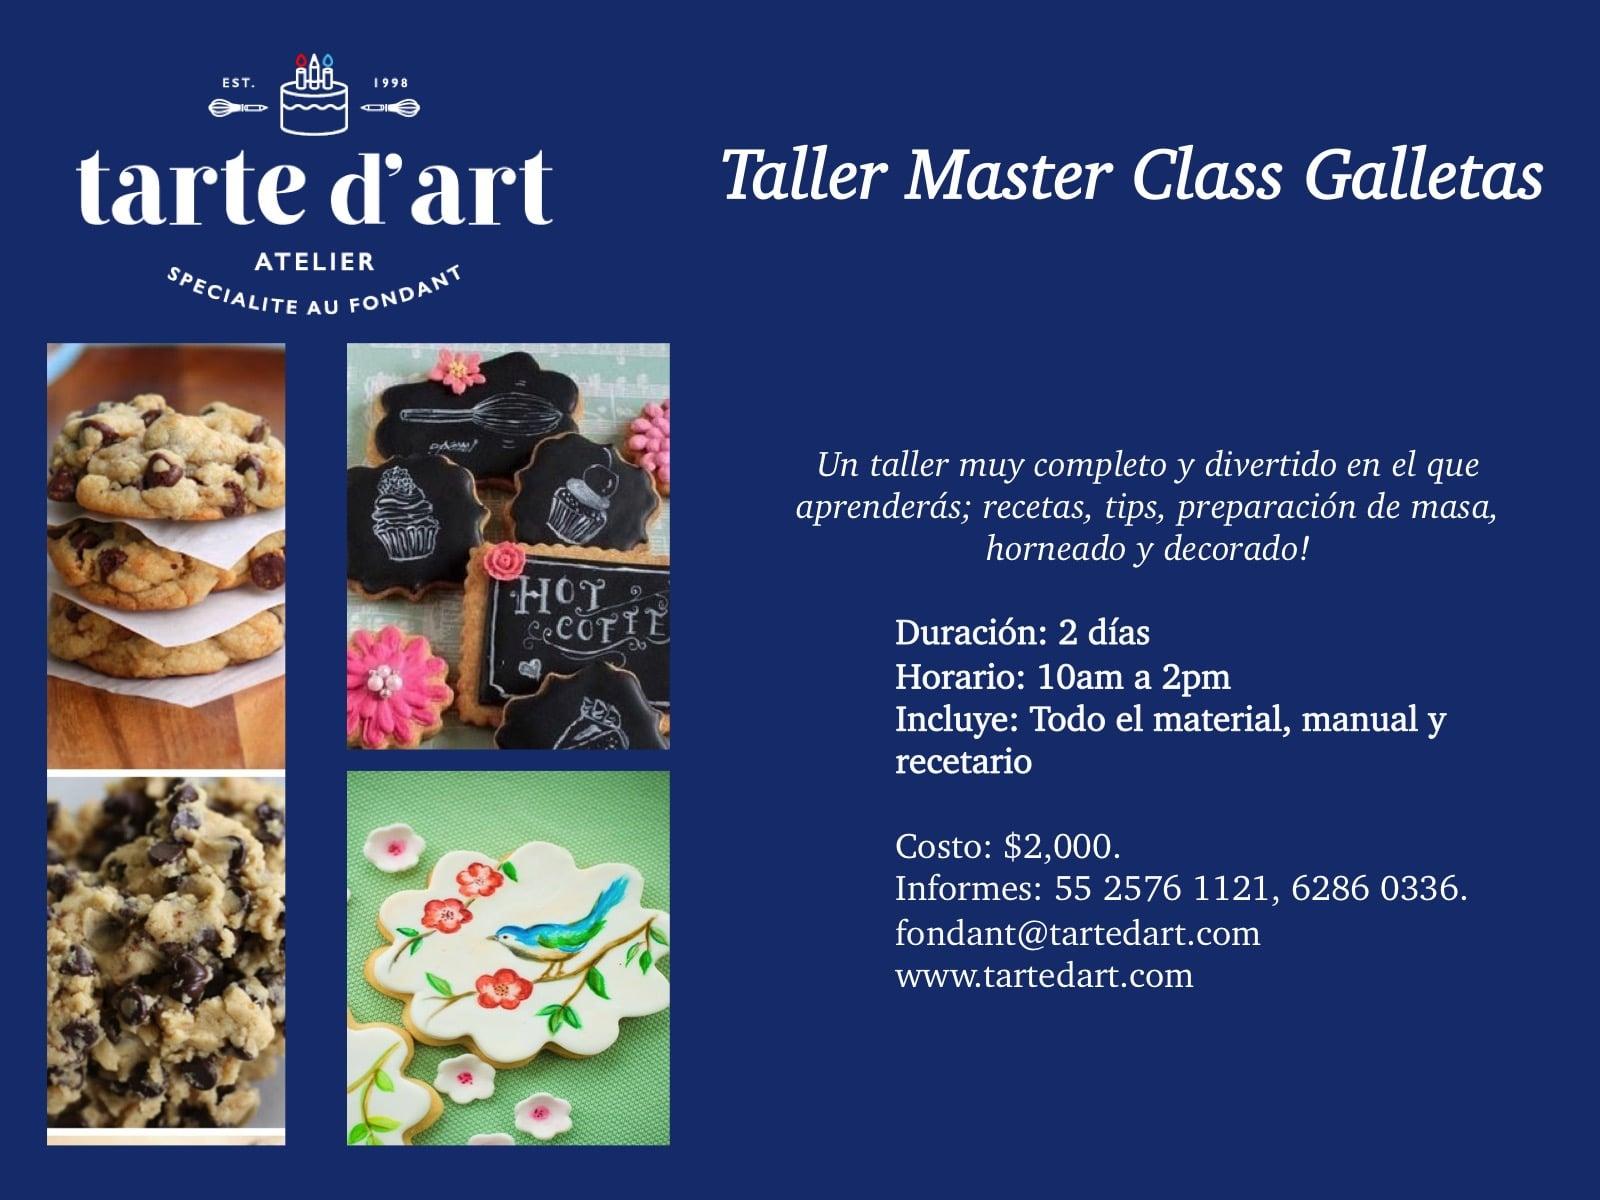 Galletas Master.jpg